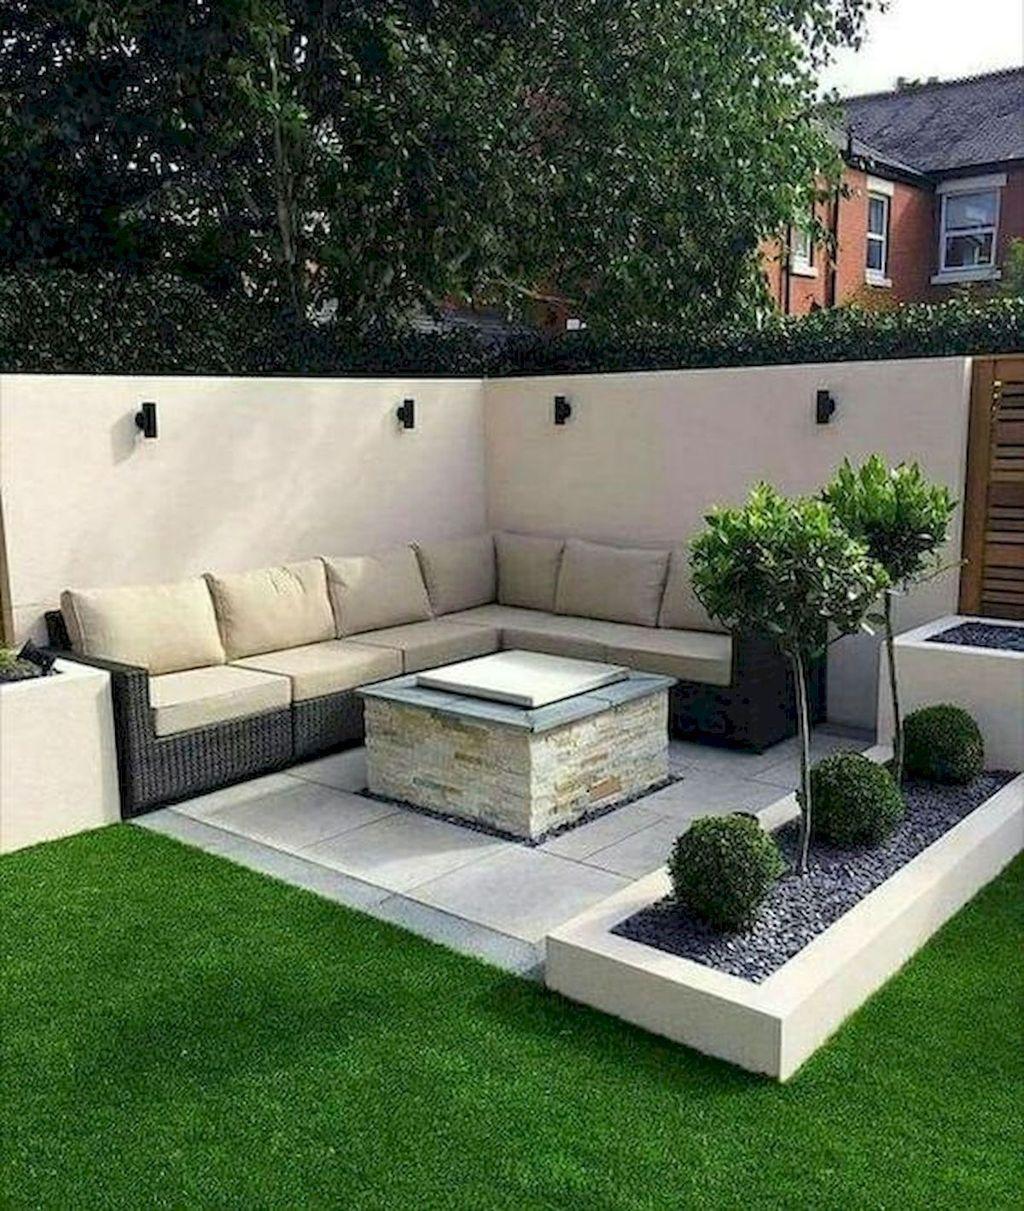 20 Chic Small Courtyard Garden Design Ideas For You Courtyard Gardens Design Small Courtyard Gardens Backyard Garden Design